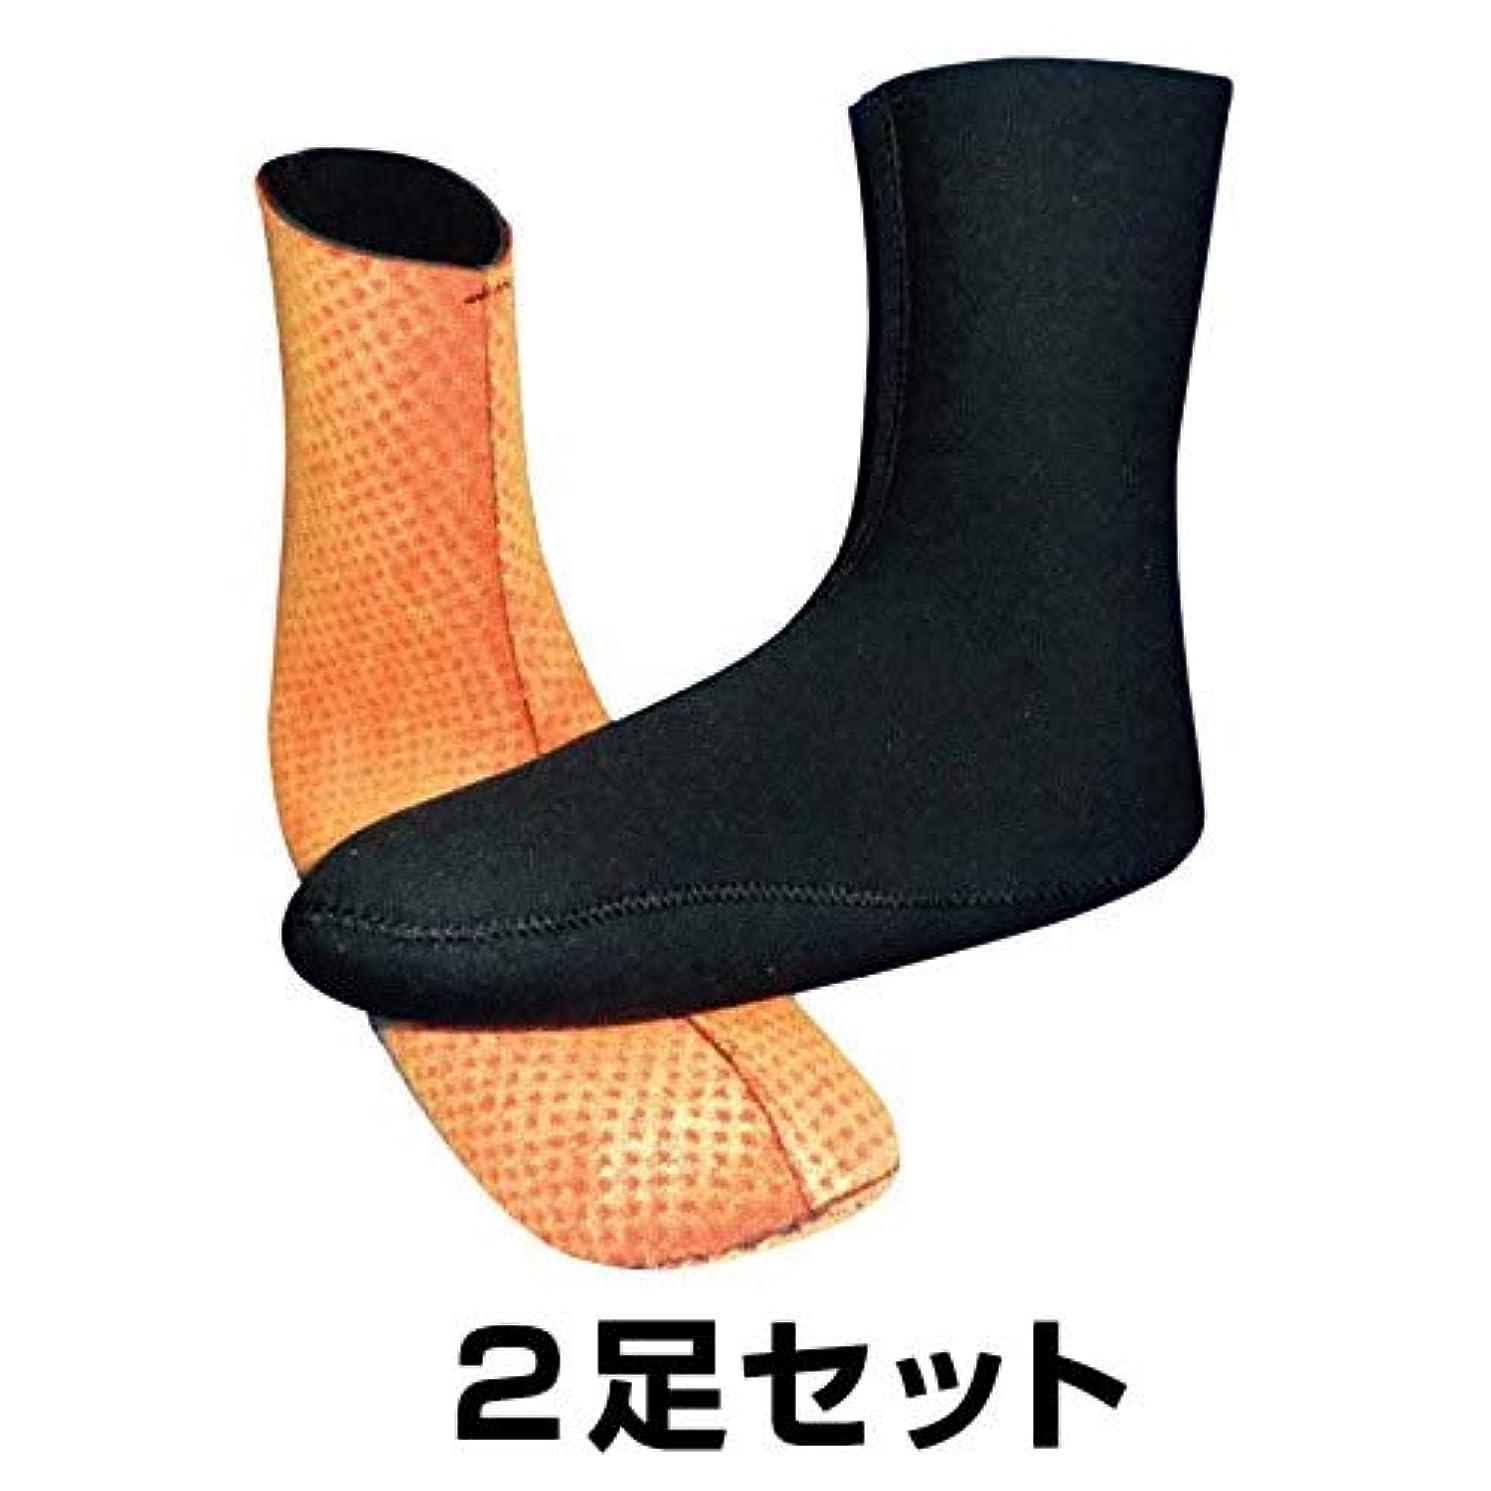 過言カイウス選出するクロッツ あったかソックスXL(27.0cm)【2足セット】